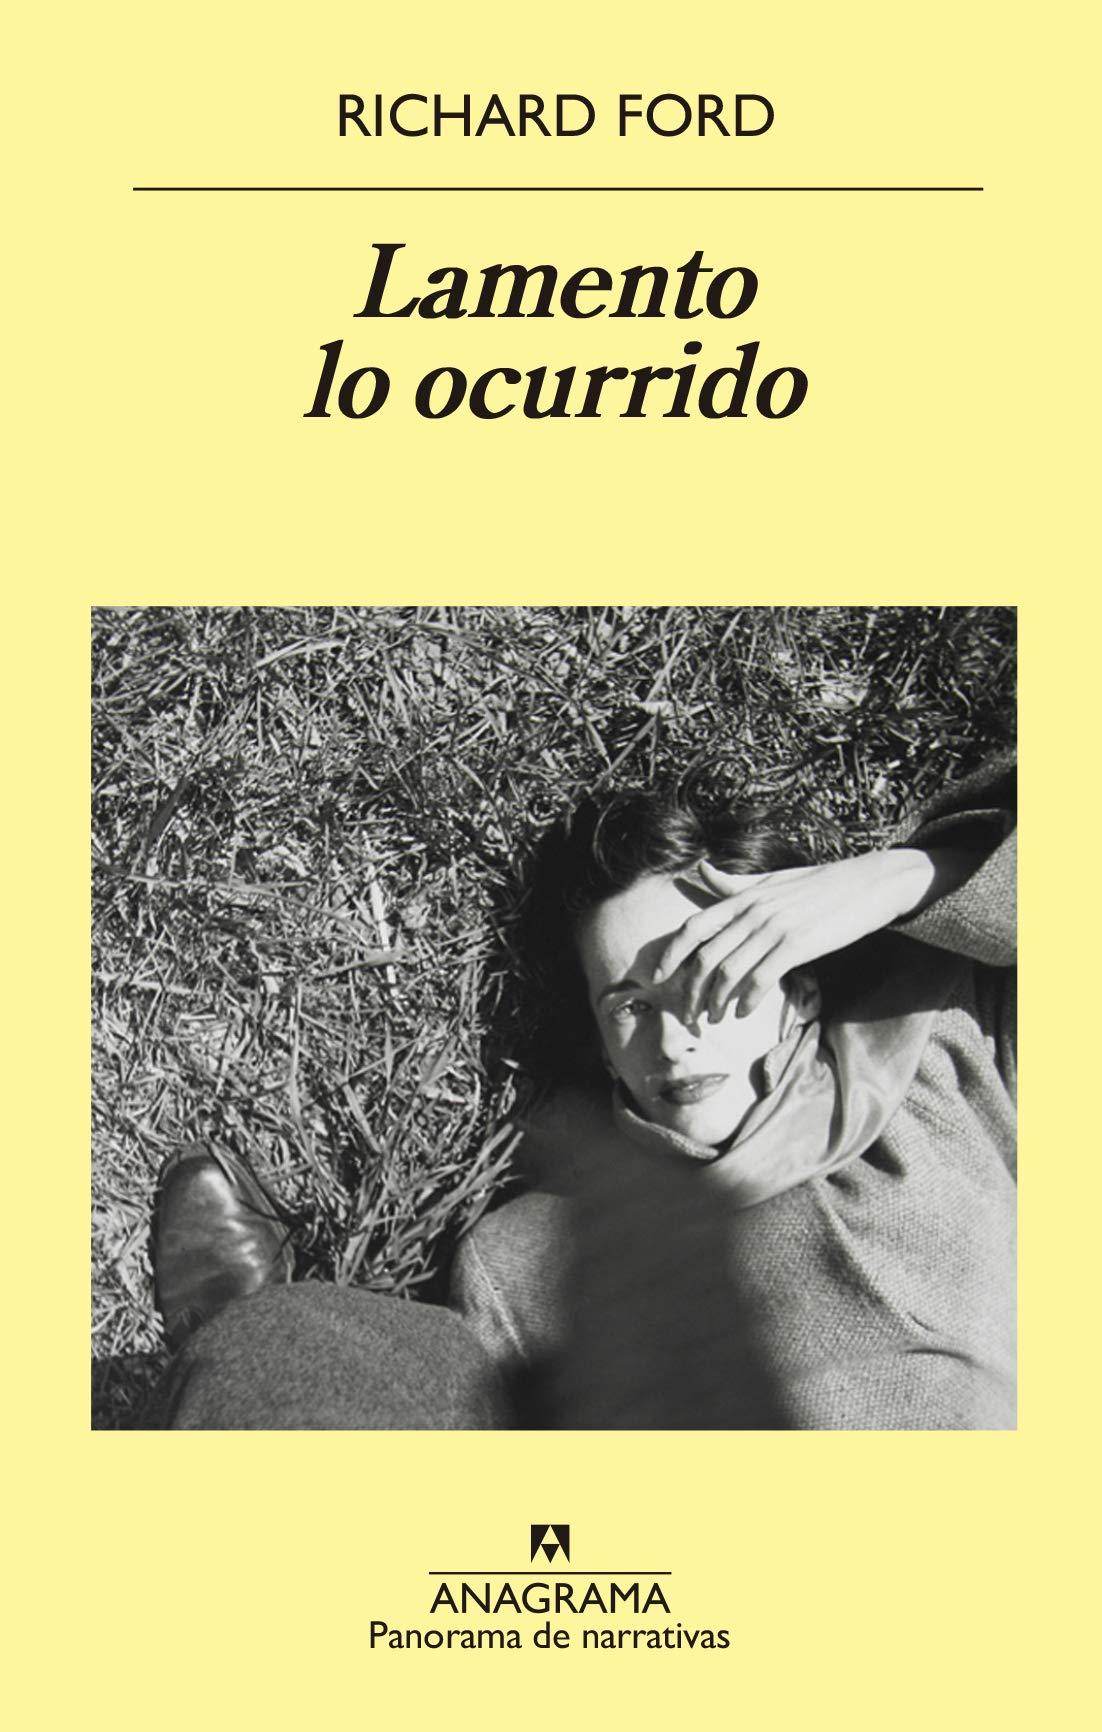 Lamento lo ocurrido: 1015 (Panorama de narrativas): Amazon.es: Ford, Richard, Alou, Damián: Libros